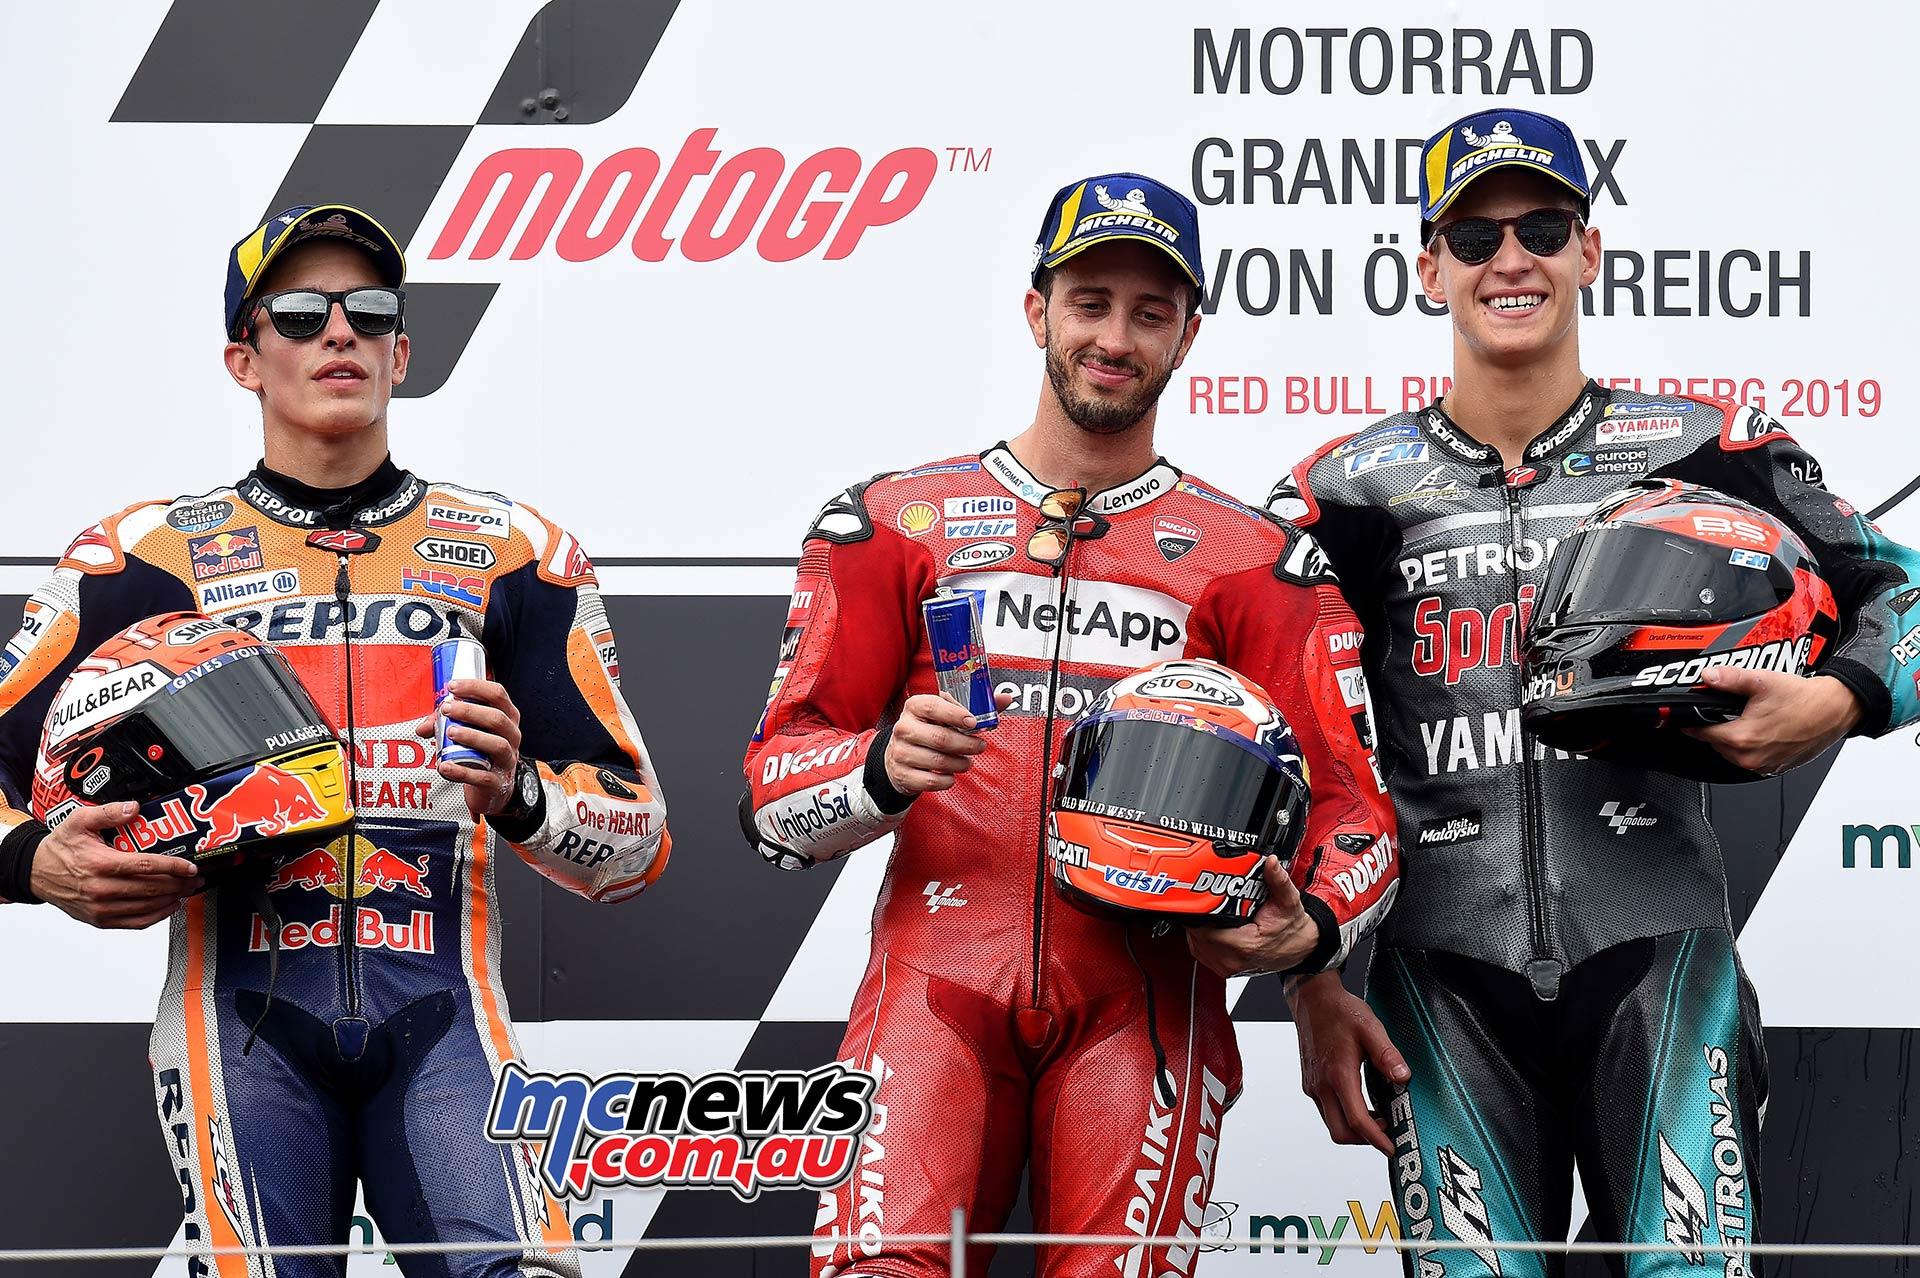 MotoGP Rnd RedBullRing Race Podium Dovizioso Marquez Quartararo